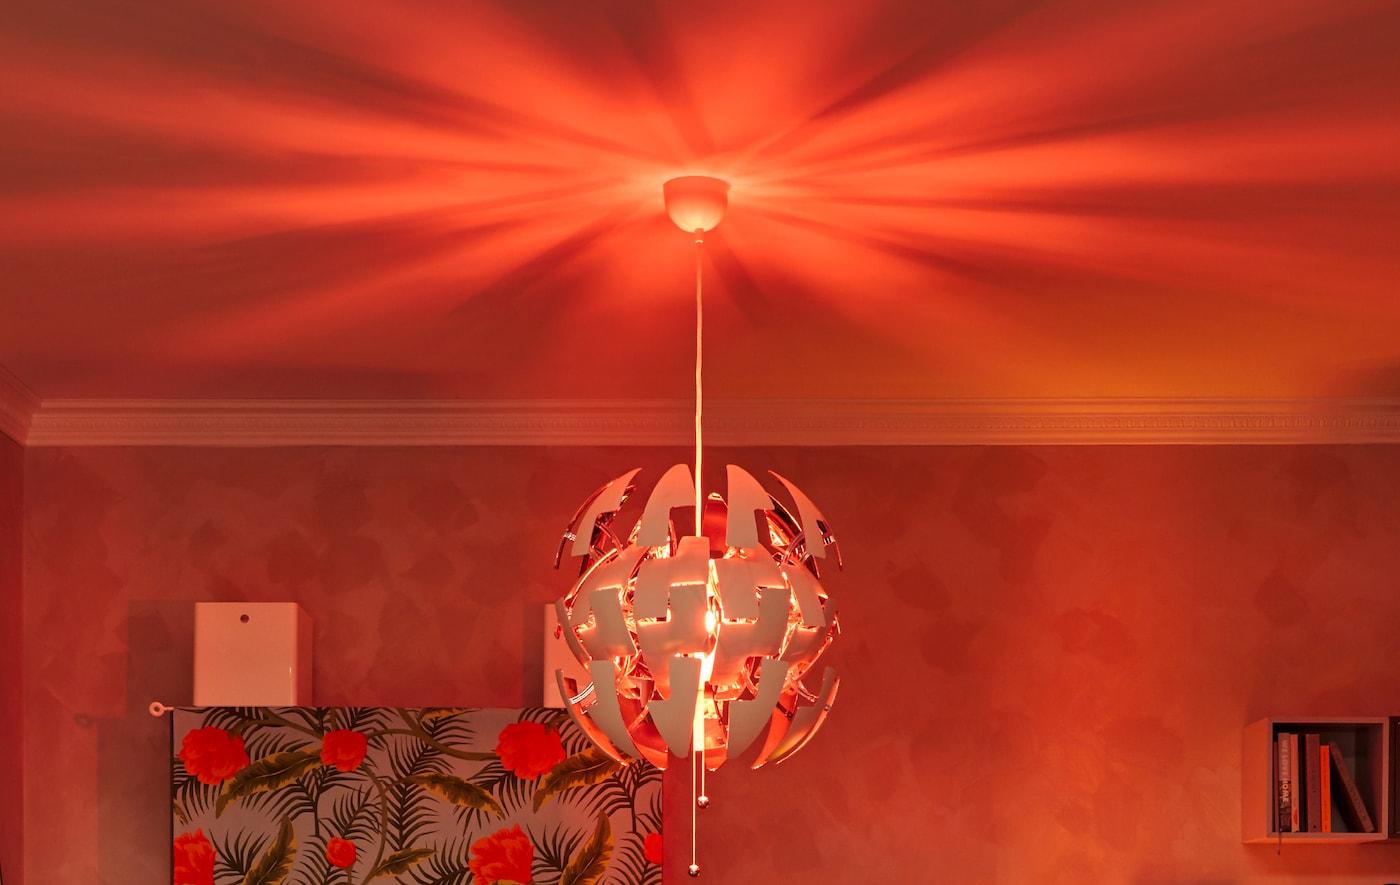 Gornji dio dnevne sobe kojim dominira IKEA PS visilica koja od stropa odbacuje crvenkastu svjetlost nalik rasvjeti u klubovima.